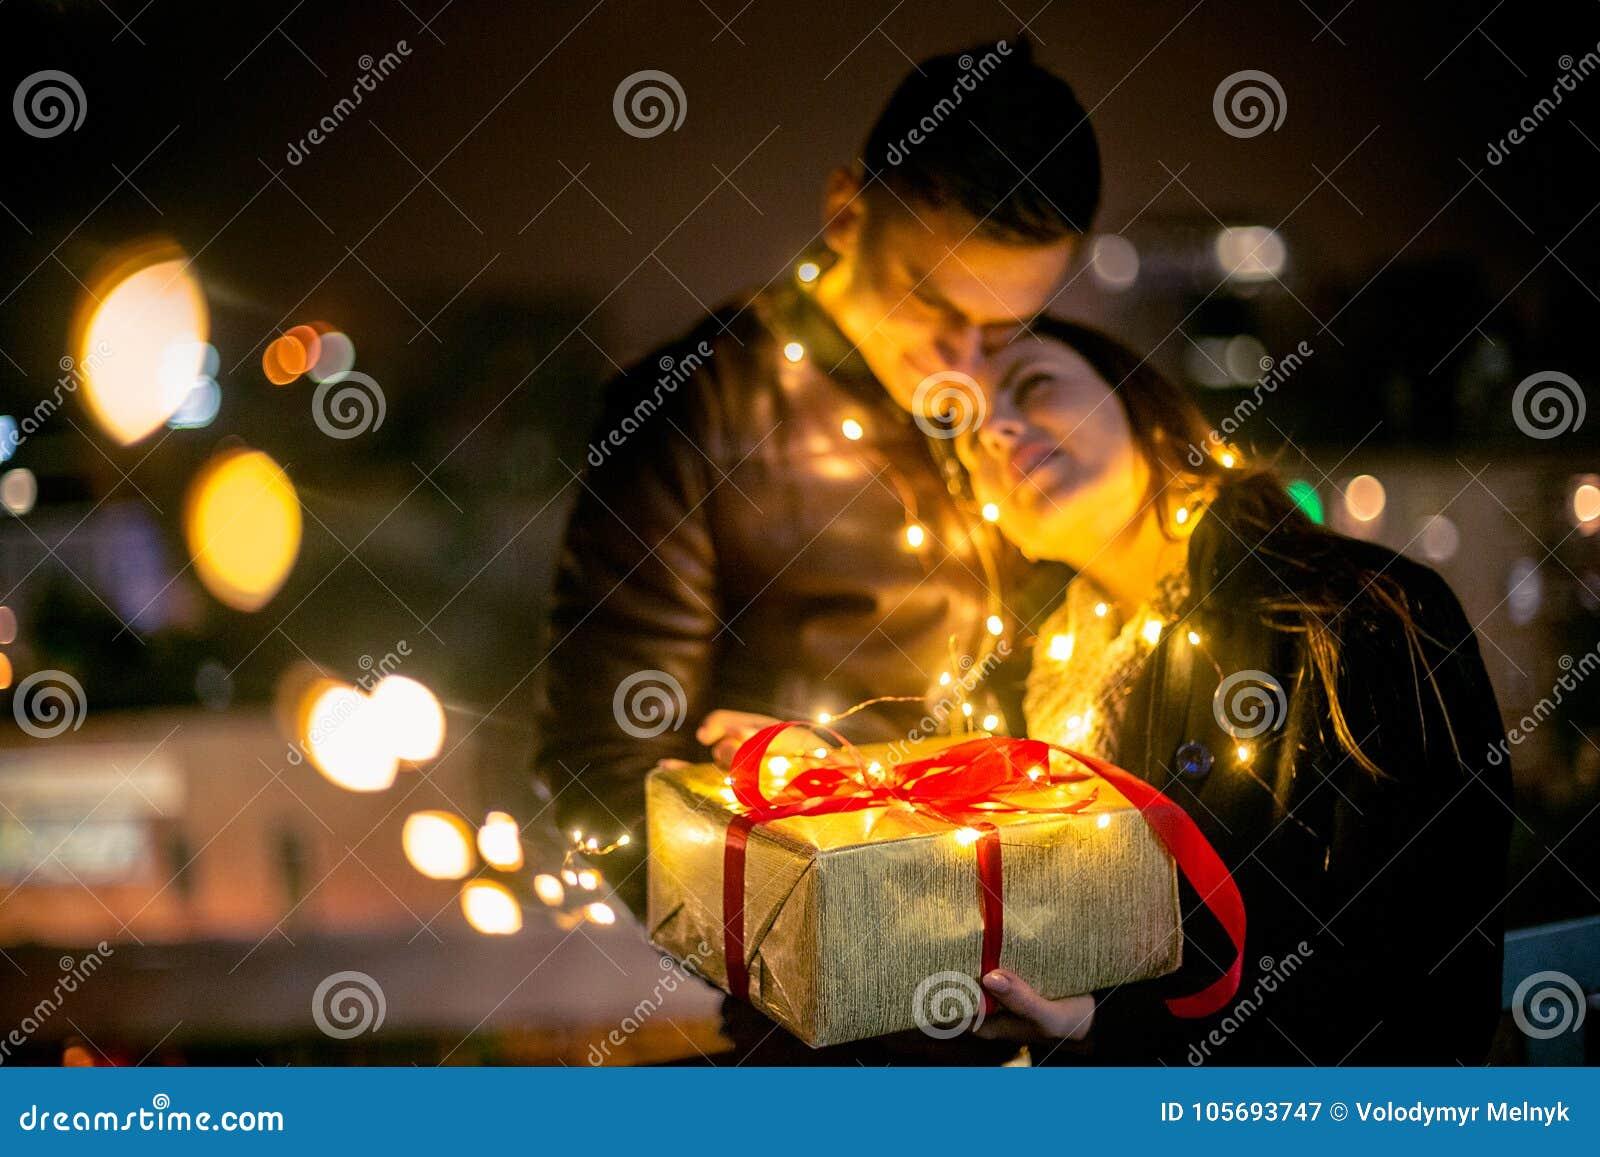 Cadeau De Noel Romantique Pour Homme.La Surprise Romantique Pour Noël Femme Reçoit Un Cadeau De